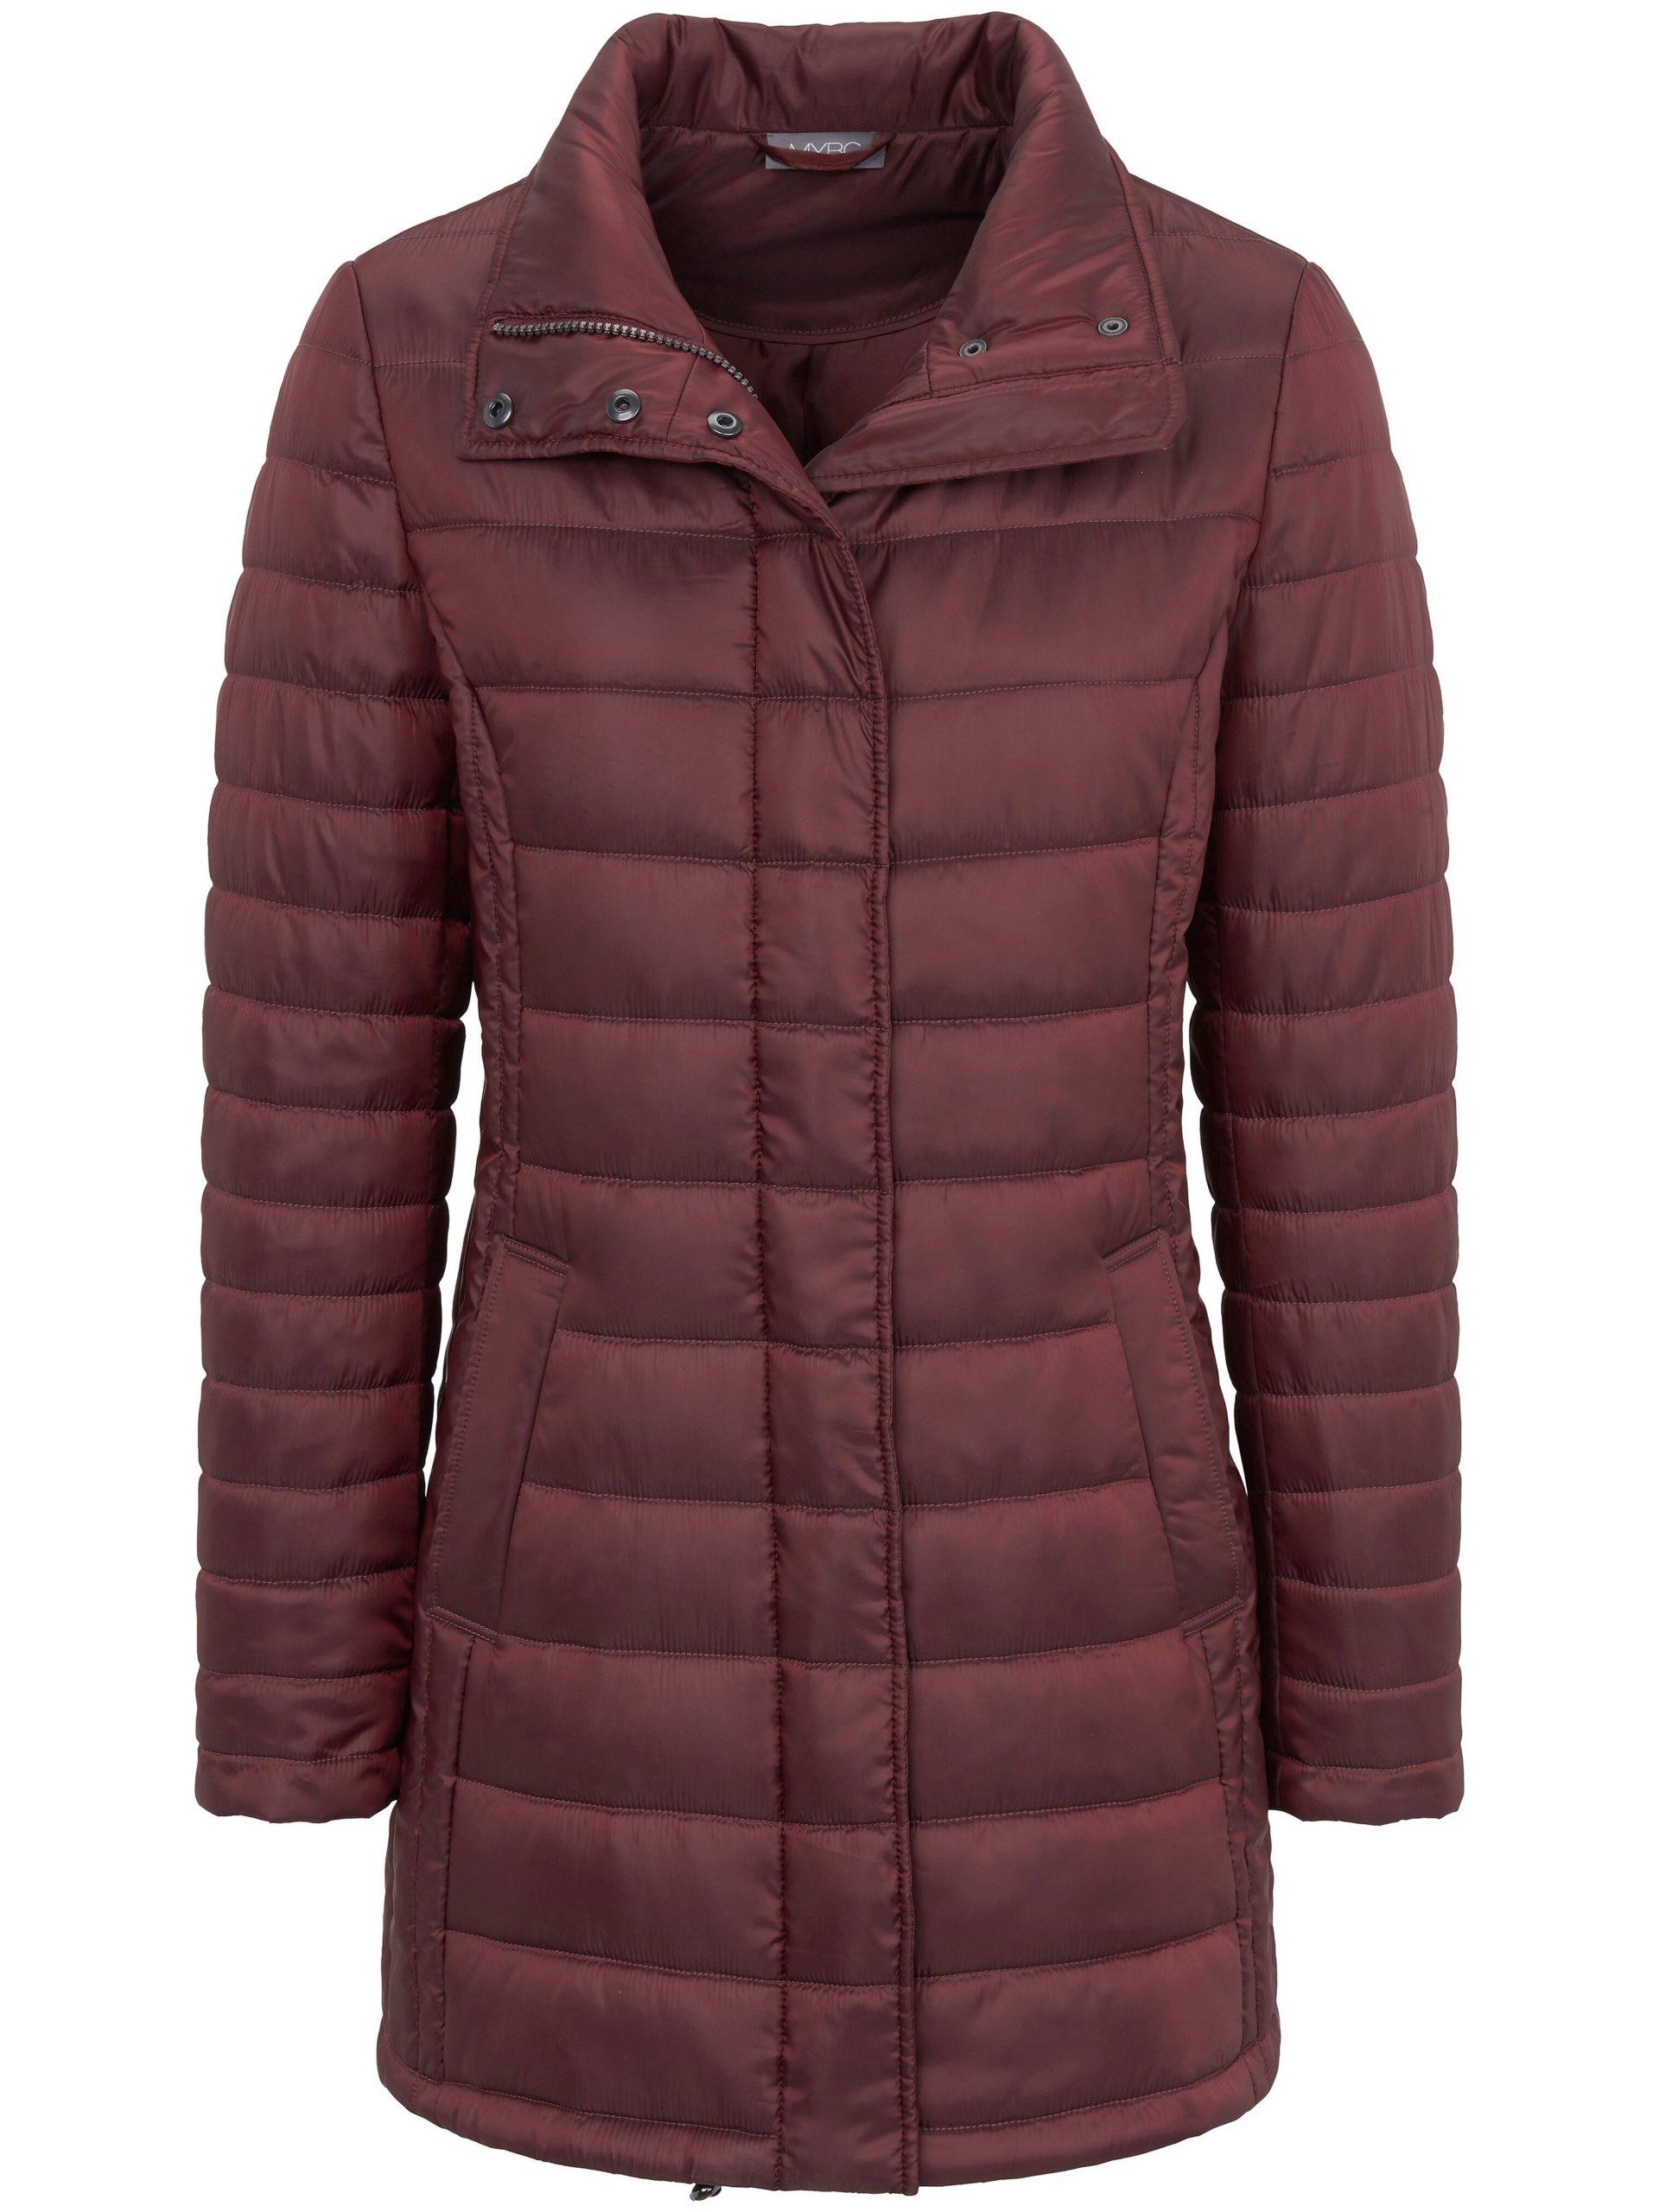 Gewatteerde jas Van MYBC rood Kopen